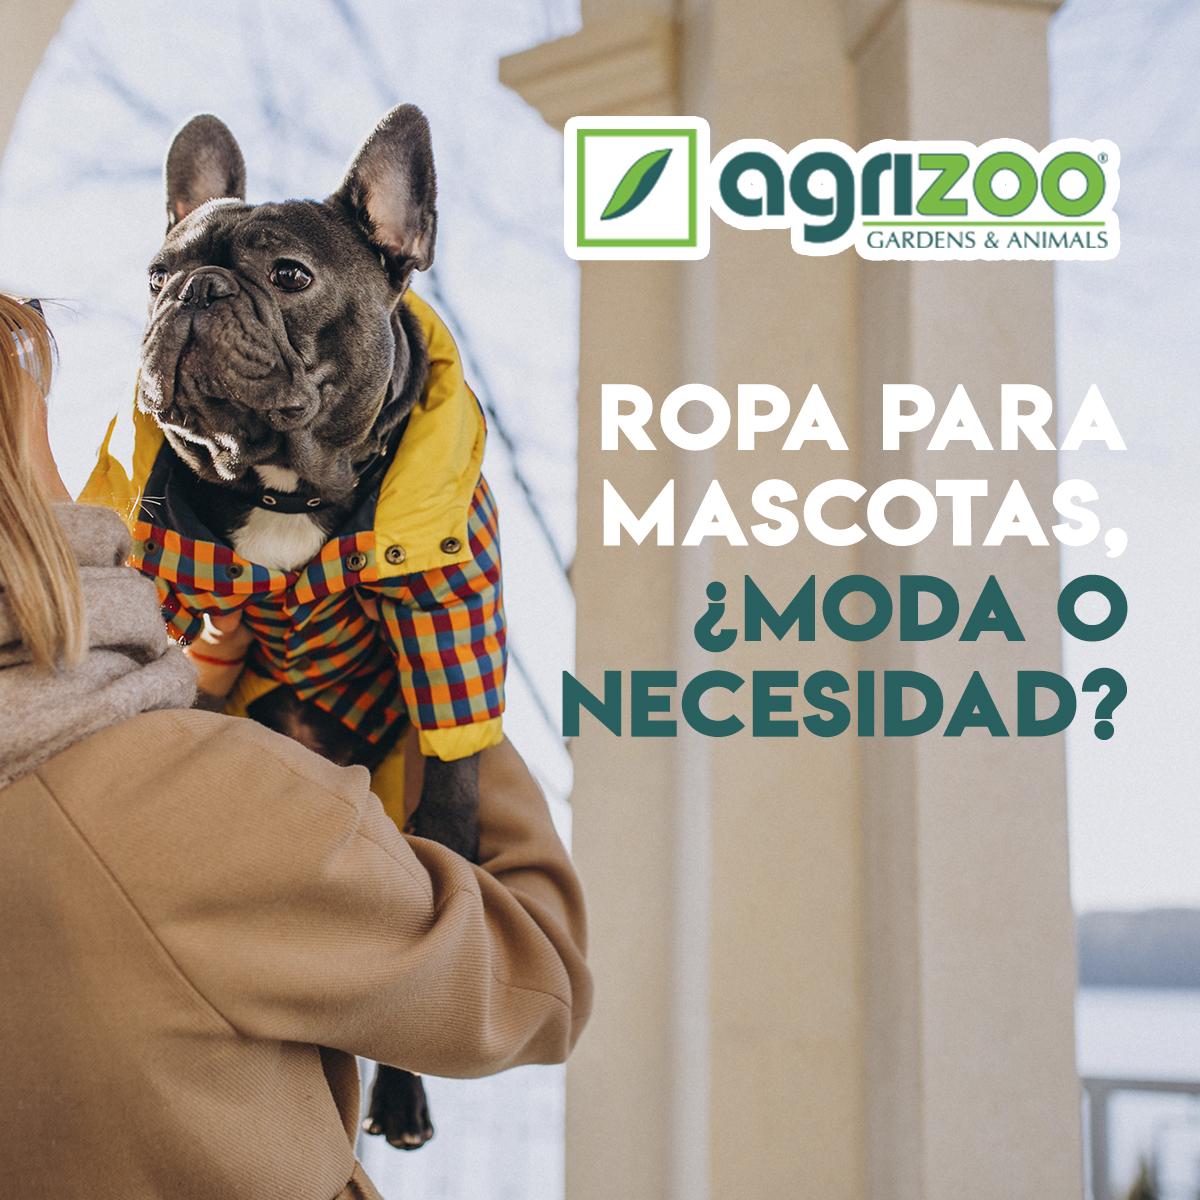 Ropa para nuestras mascotas, ¿moda o necesidad?